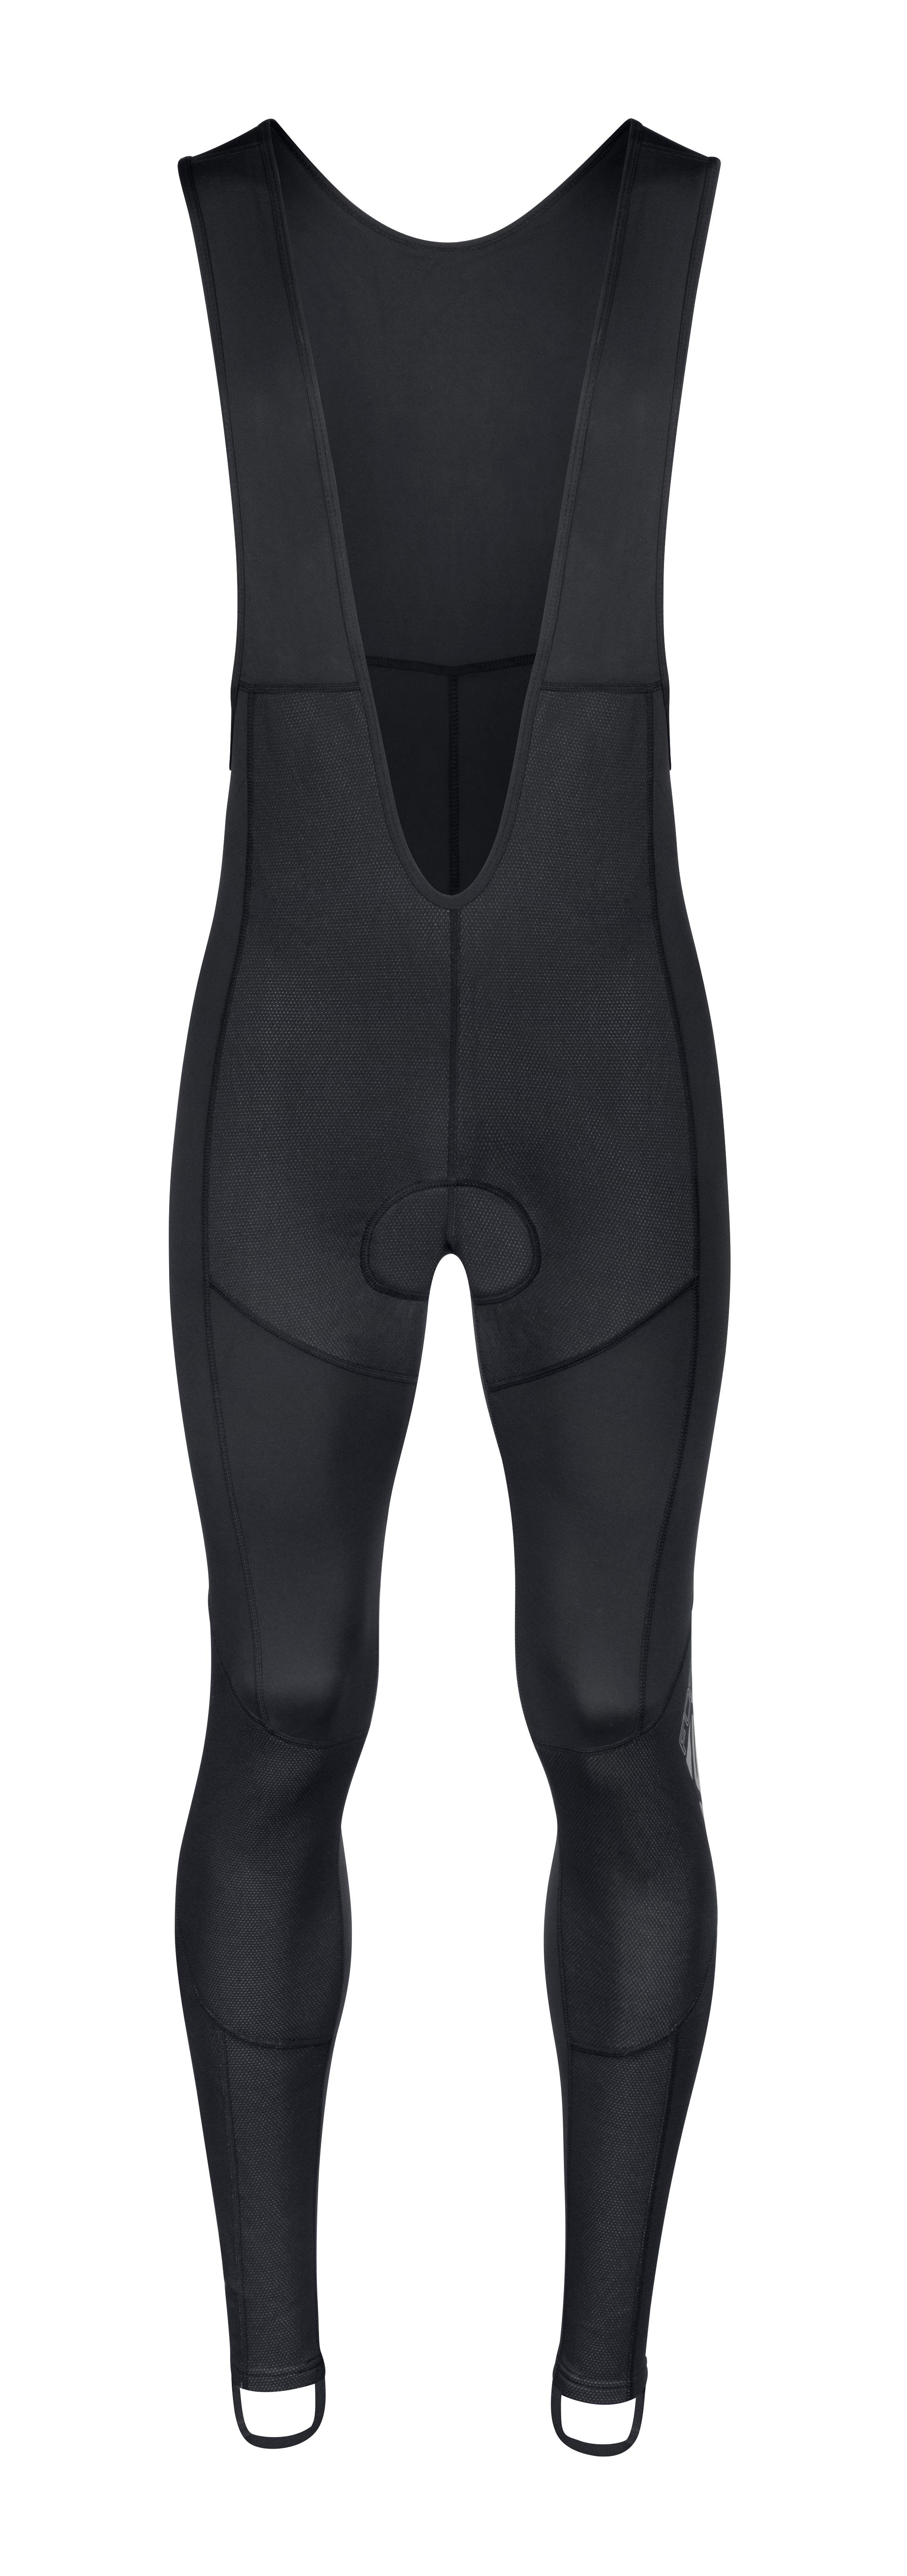 kalhoty F SHARD WINDSTER se šráky a vl, črn M